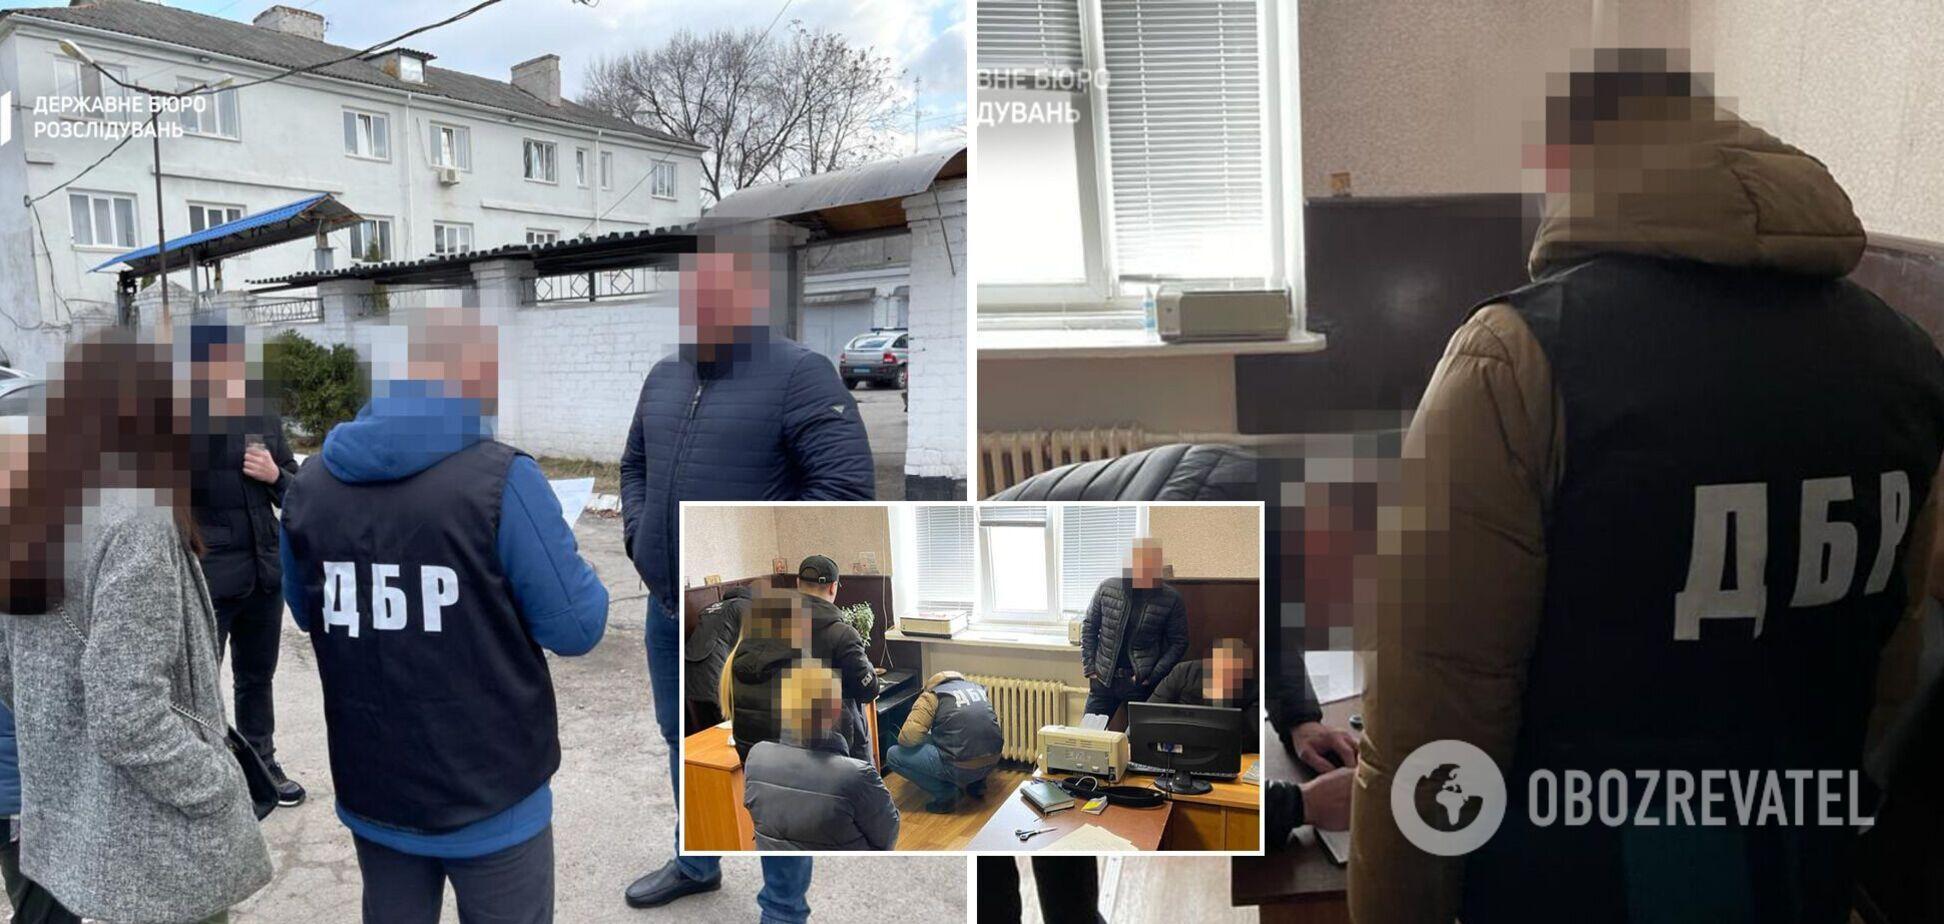 В Днепропетровской области разоблачили банду 'оборотней в погонах', которые силой выбивали деньги у граждан. Видео